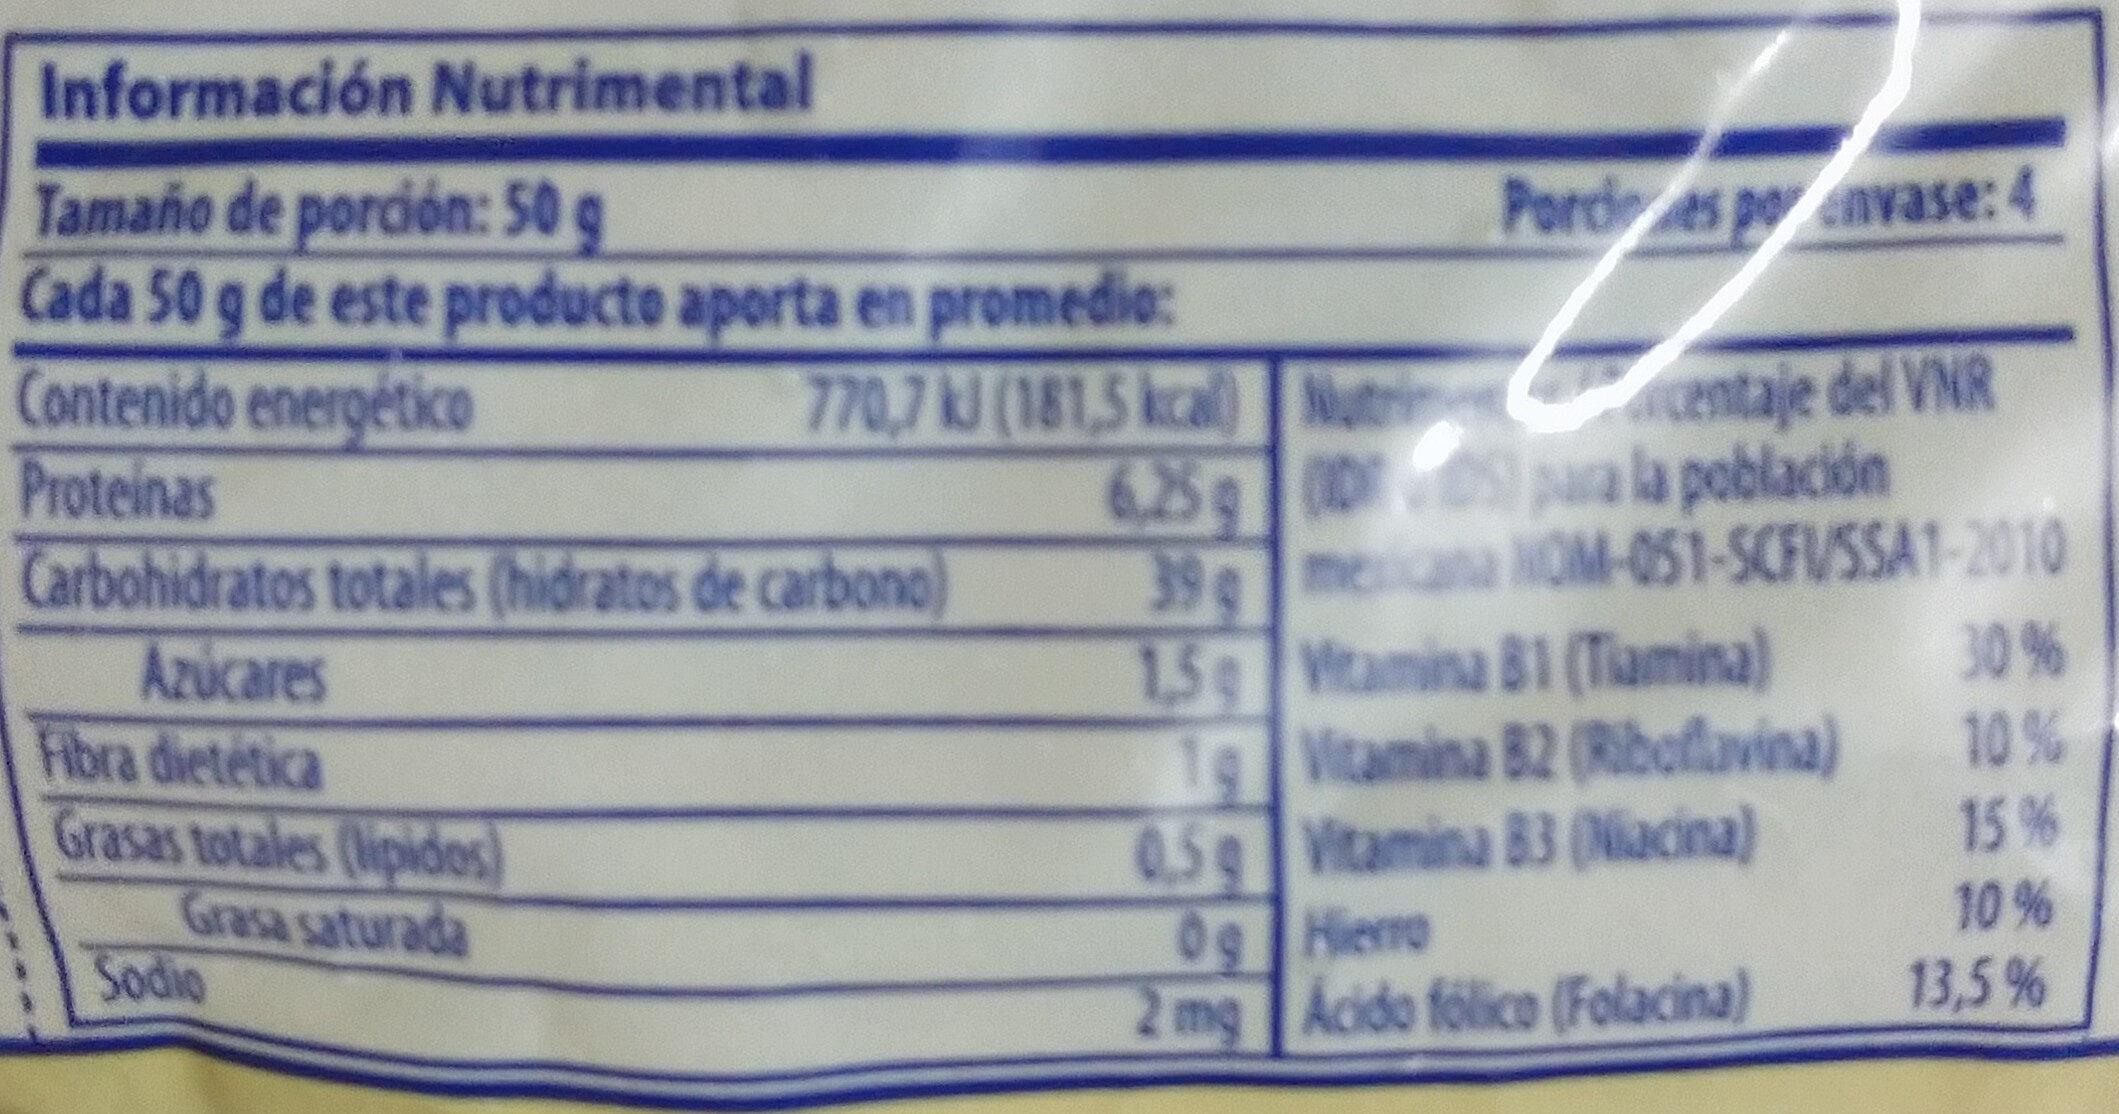 italpasta pluma chica - Informations nutritionnelles - fr